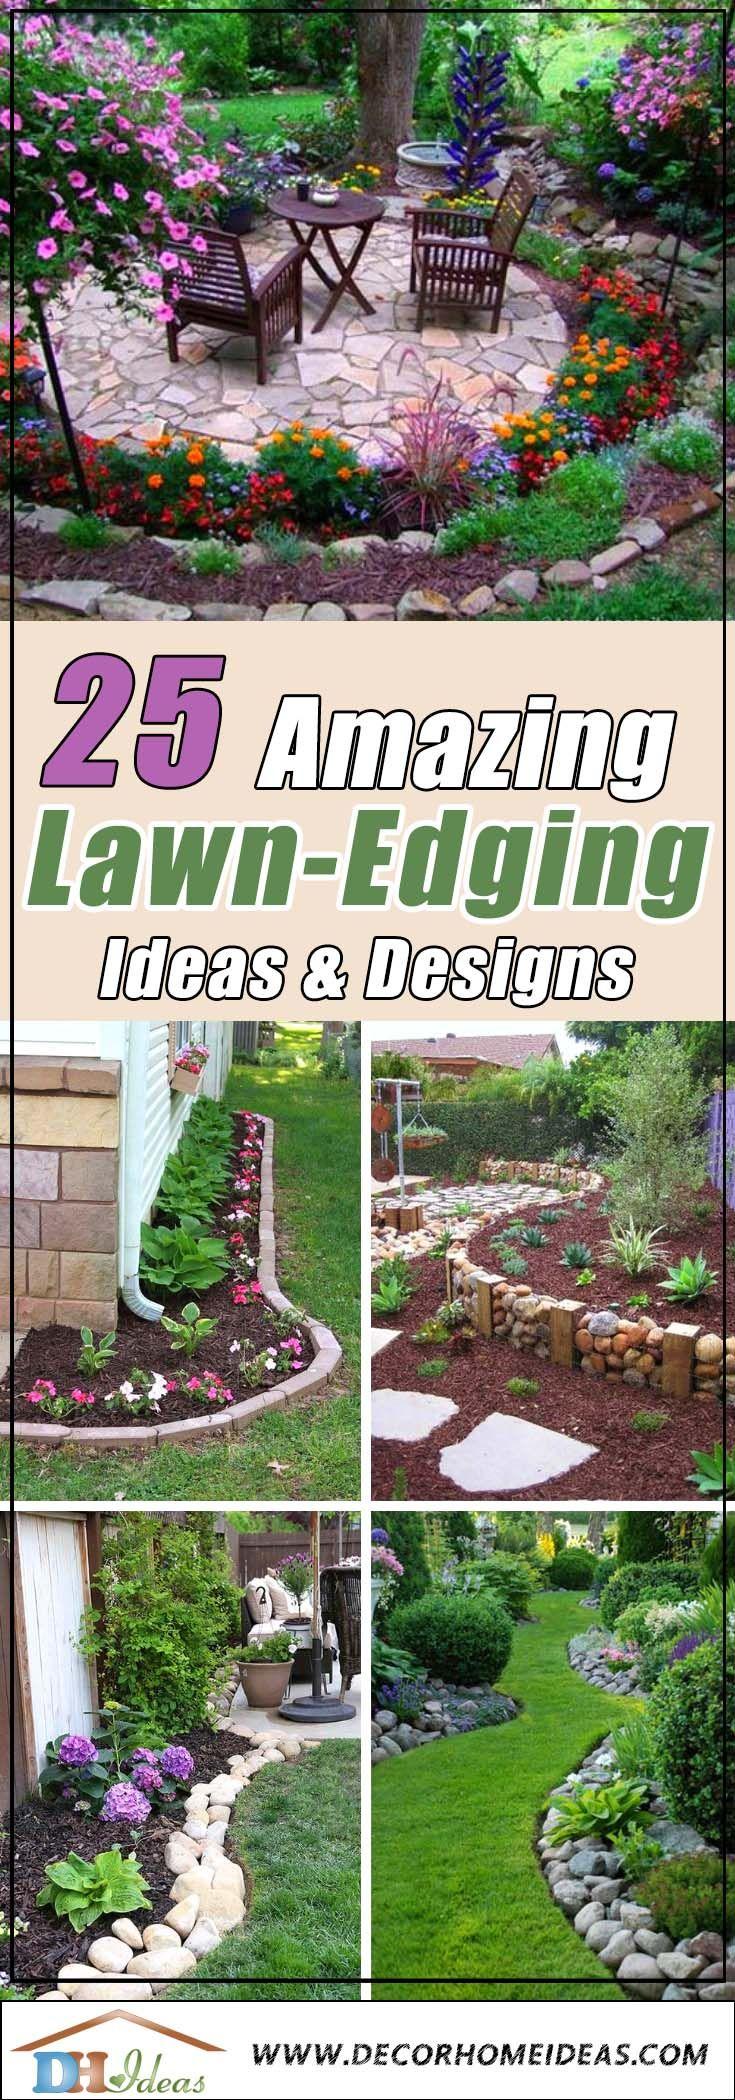 Idee De Plantation Pour Parterre 25+ amazing lawn-edging ideas for your garden | bordure